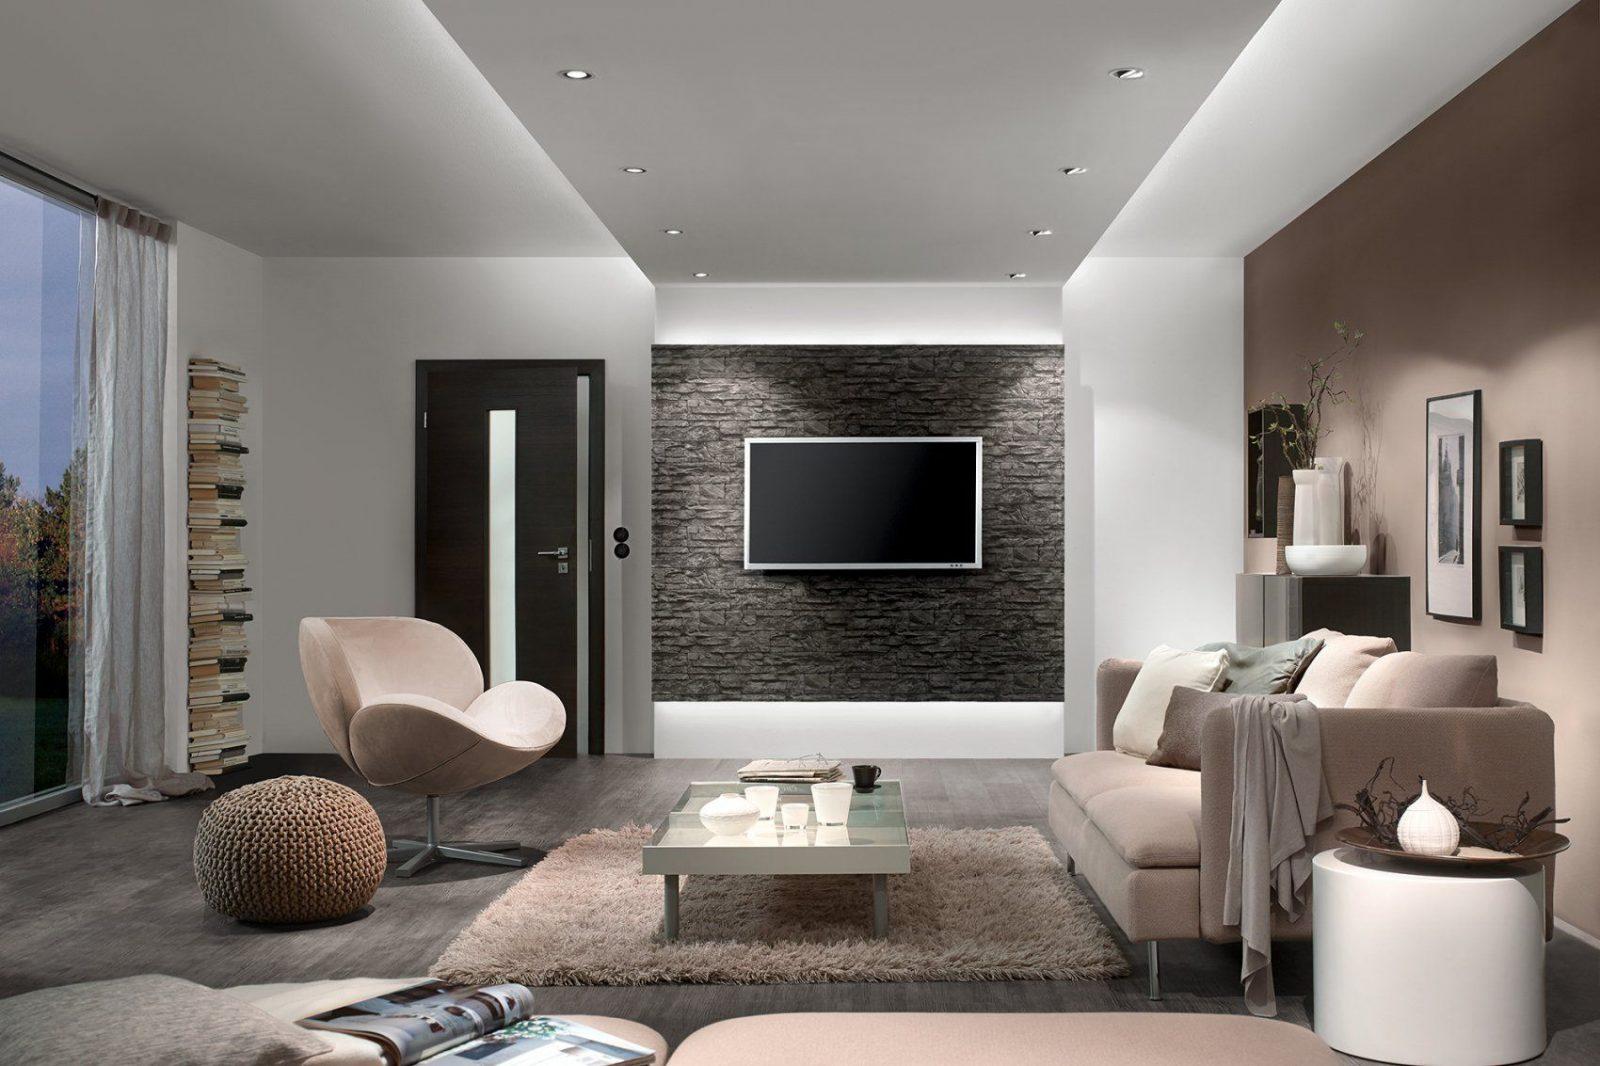 Räume Ausleuchten  Wie Viel Licht Braucht Mein Raum  Paulmann Licht von Anordnung Led Spots Wohnzimmer Photo